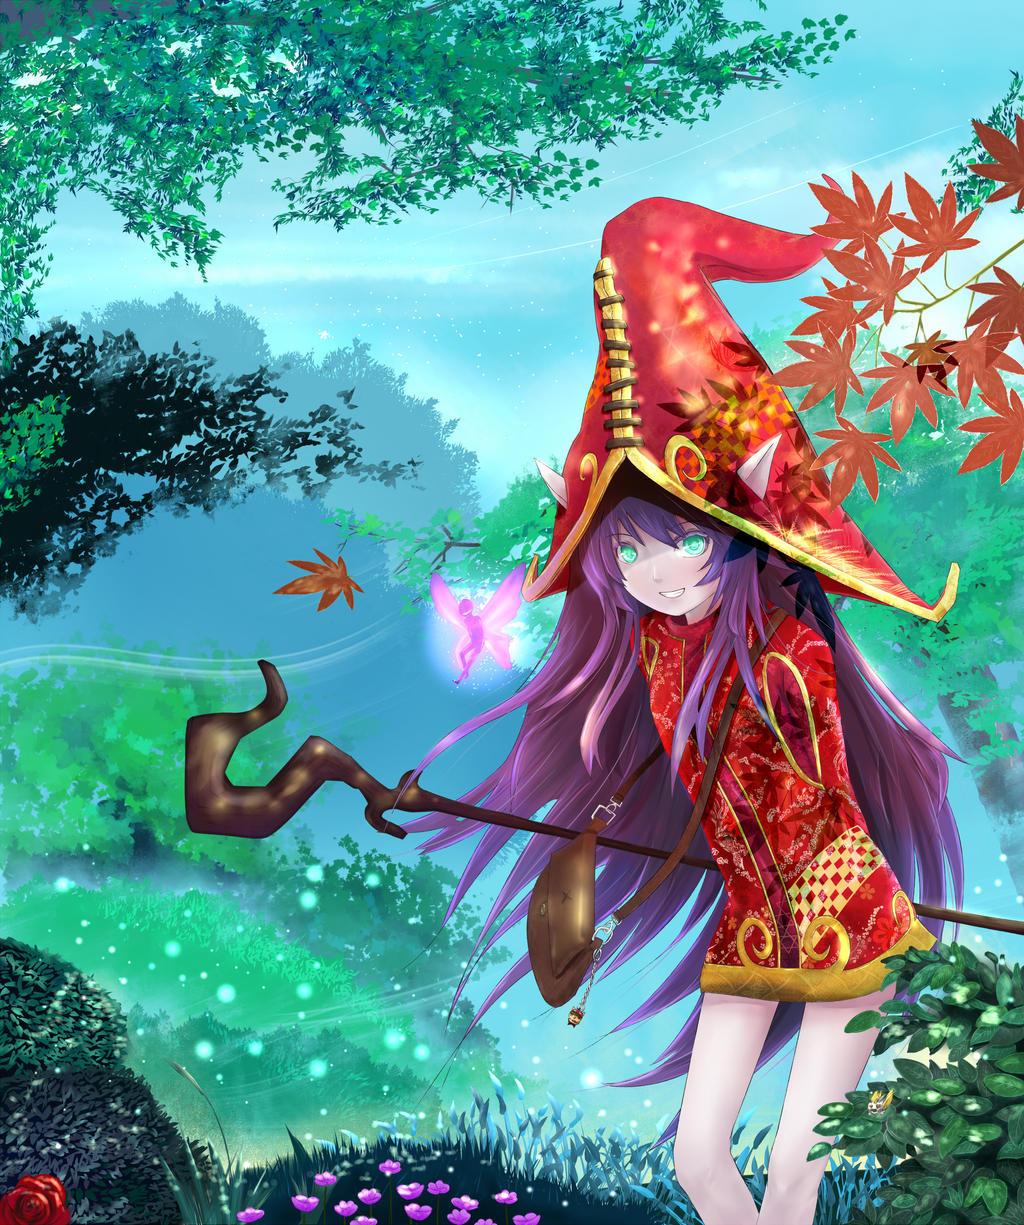 Lulu the Fae Sorceress by Muite